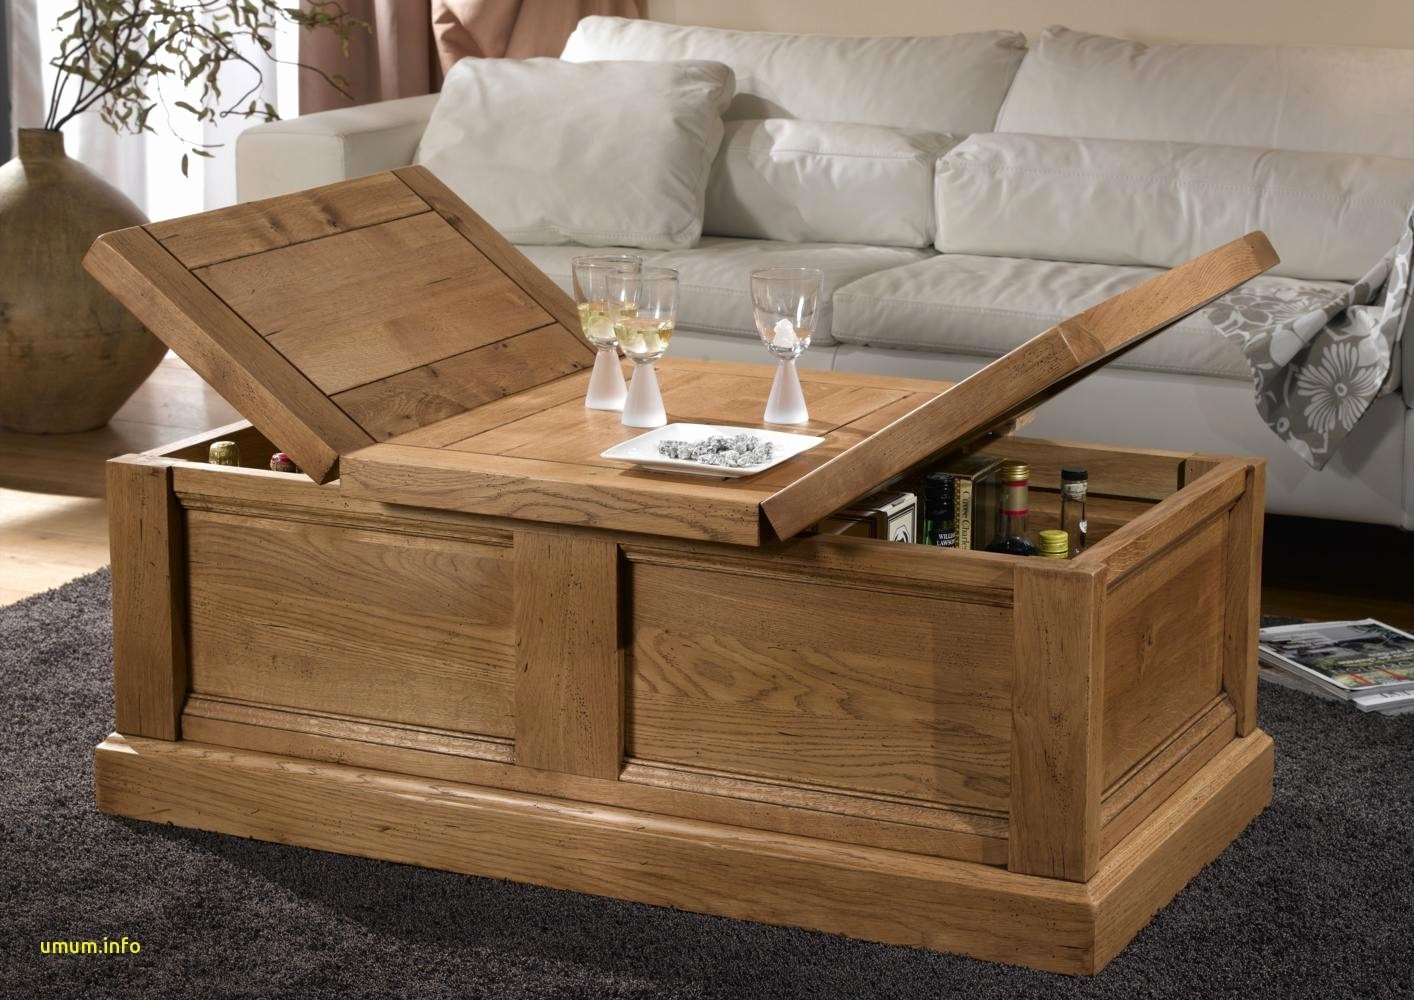 Table basse en bois avec coffre